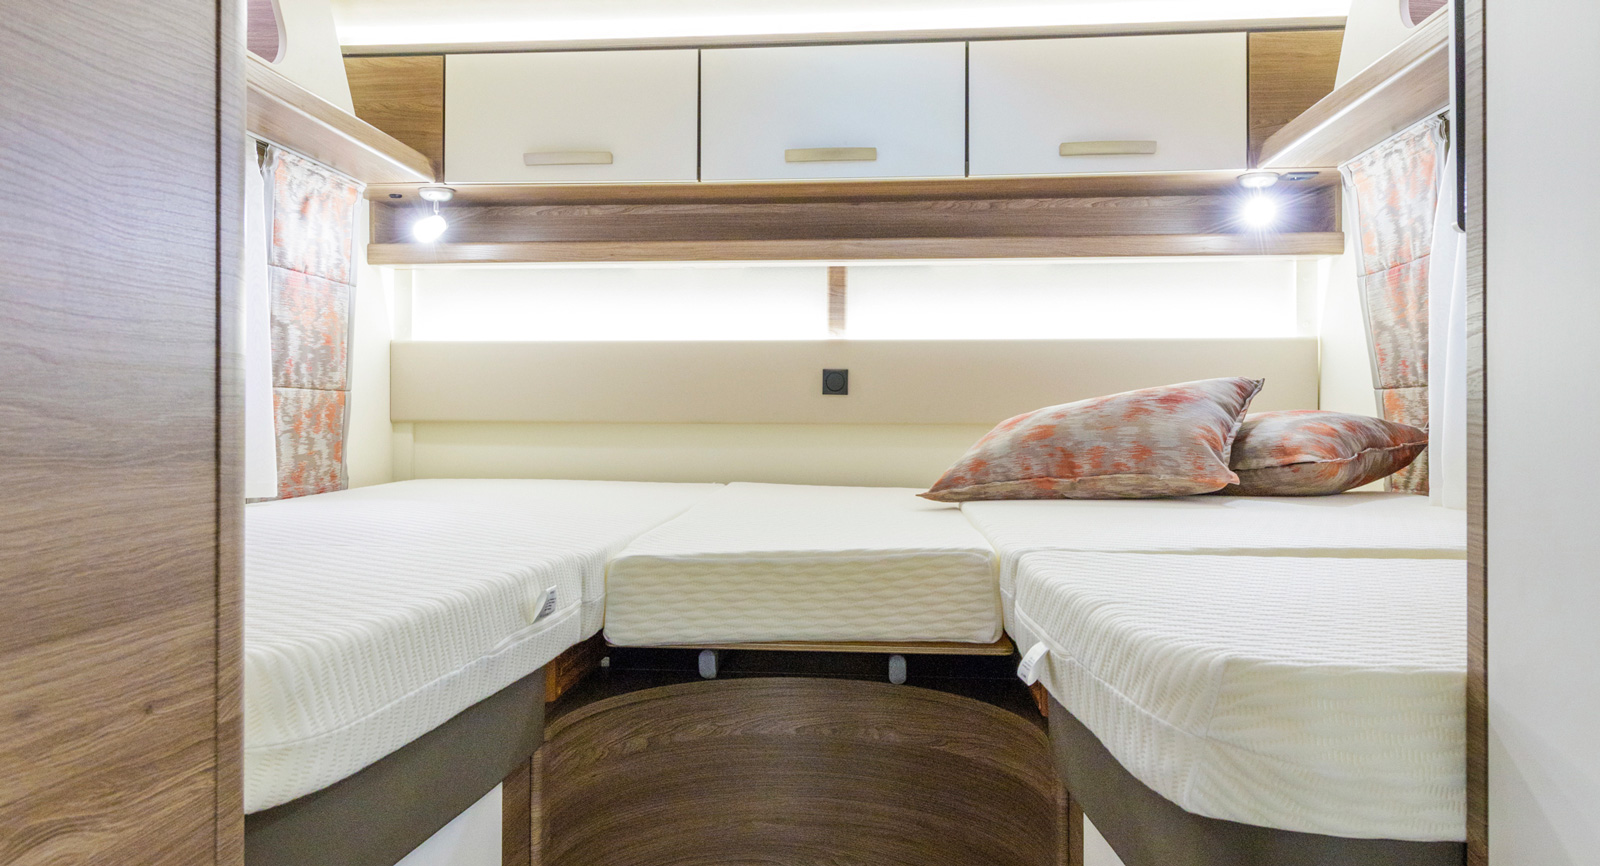 Sängarna är olika långa, den längsta är hela 210 cm lång.